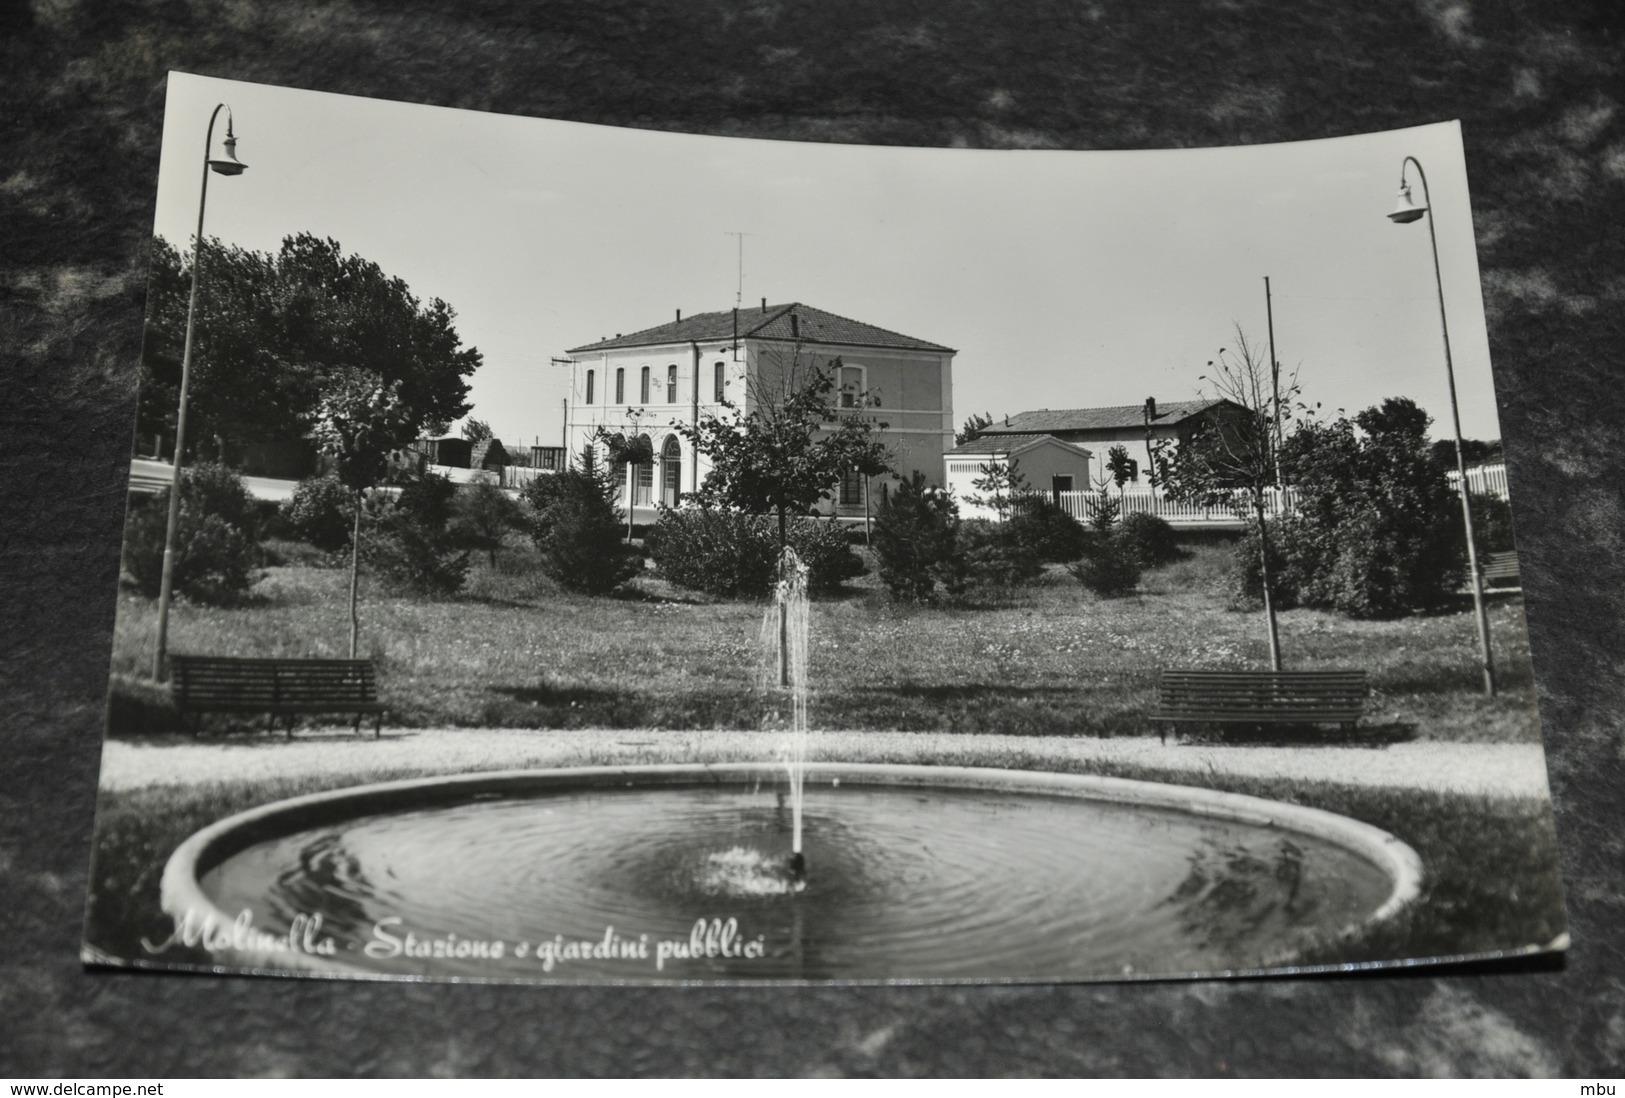 6206    MOLINELLA -GIARDINI PUBBLICI E STAZIONE - Bologna